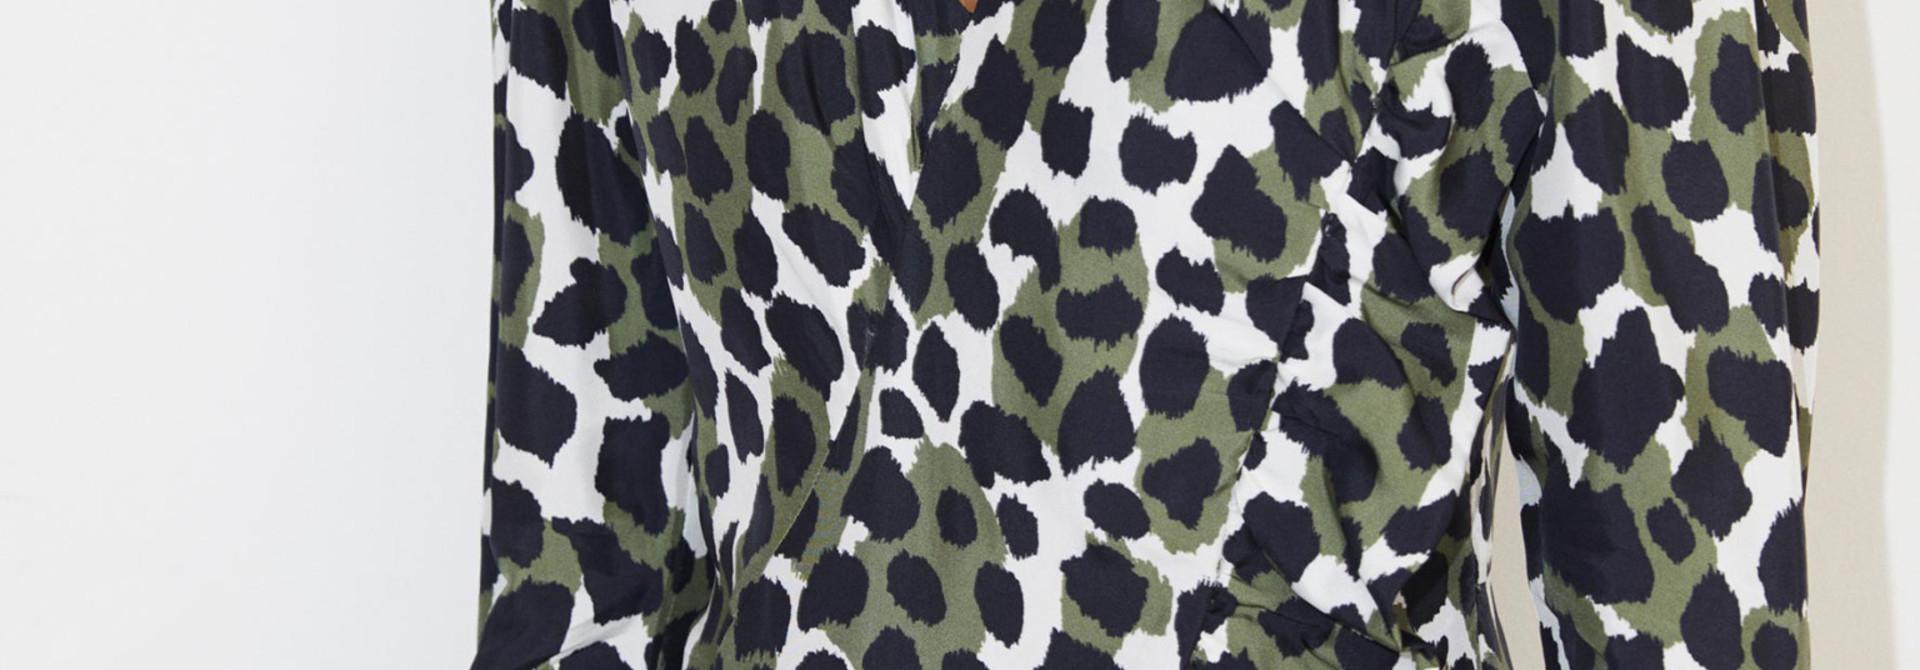 ORIXT jurk By Malene Birger